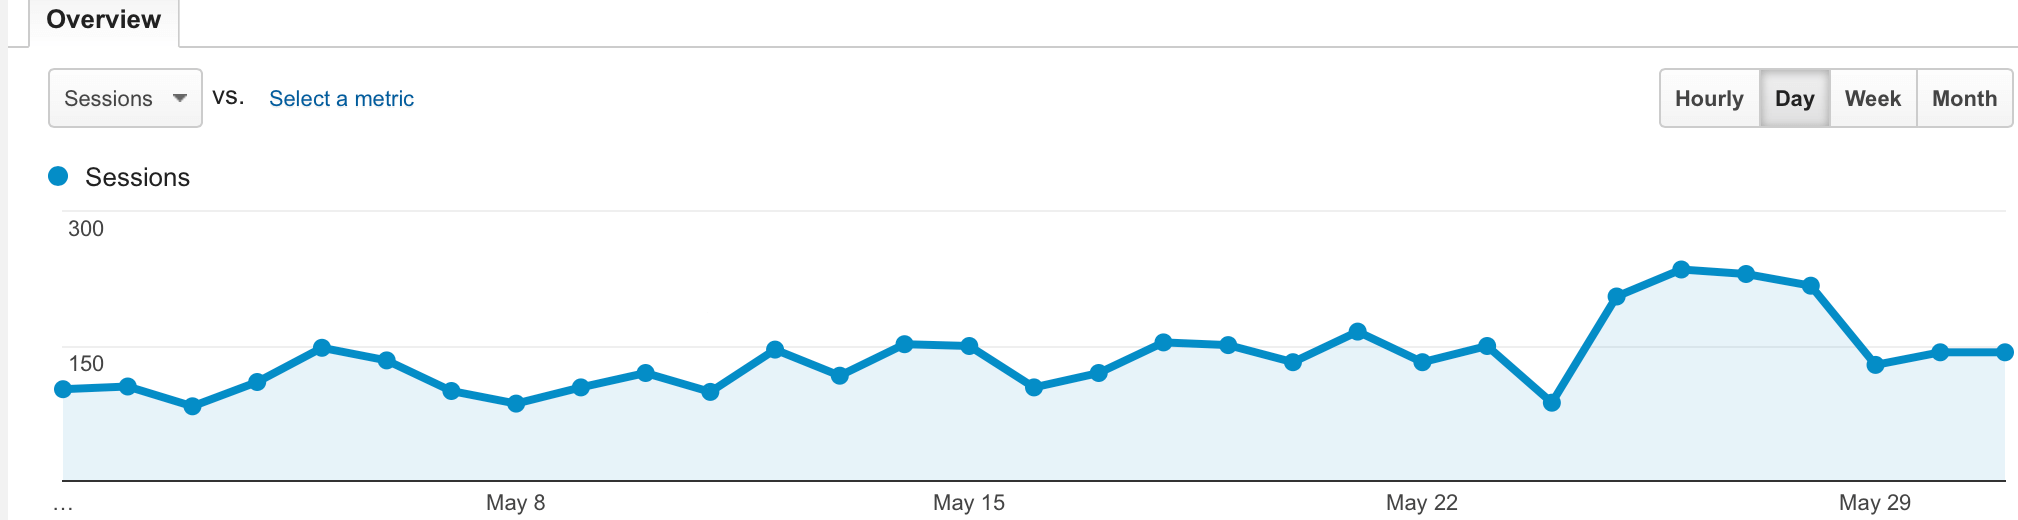 Screen Shot 2015-07-02 at 12.32.51 PM